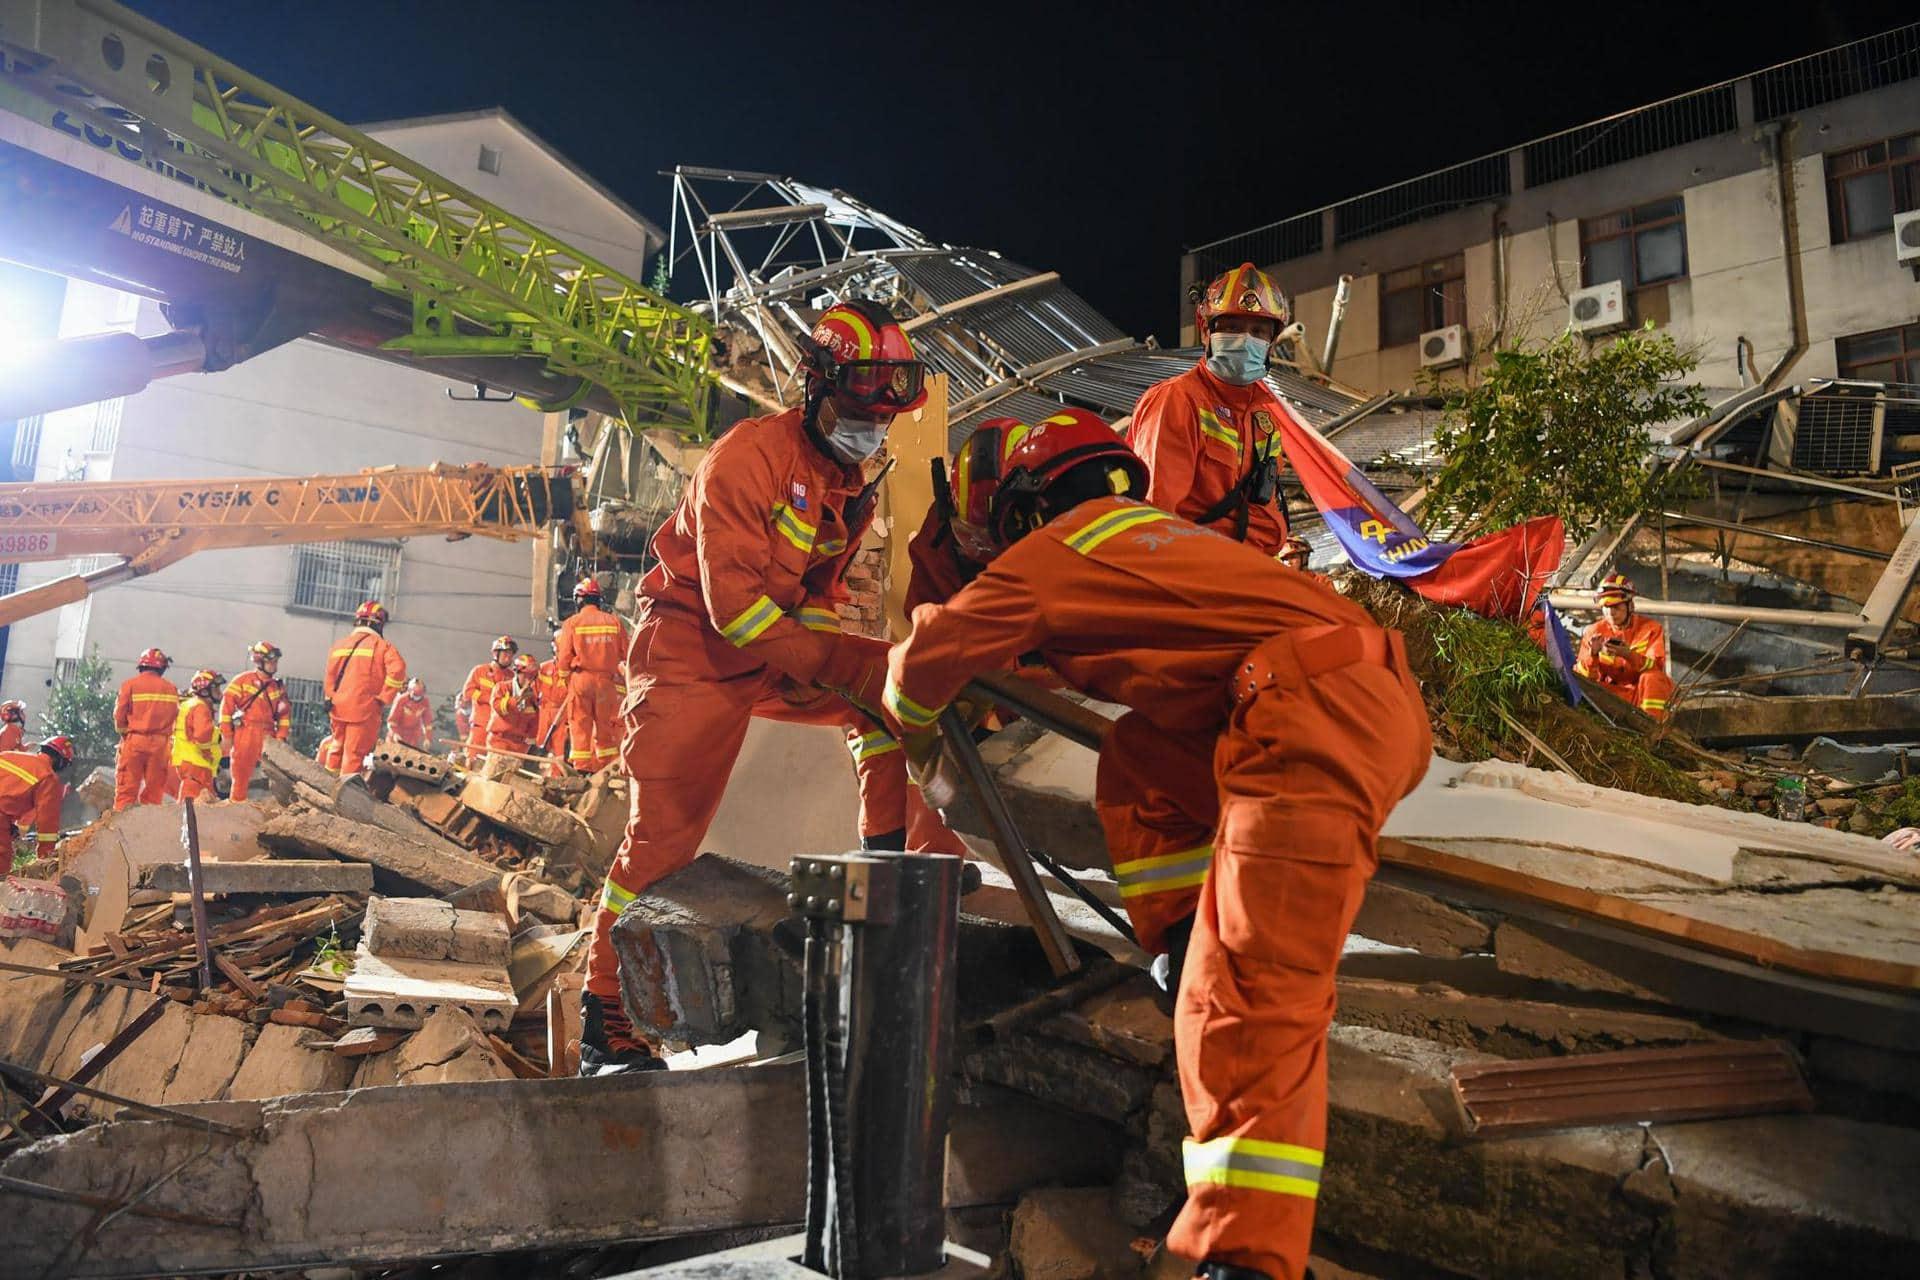 Acht Tote durch Hoteleinsturz in China Ursache unklar